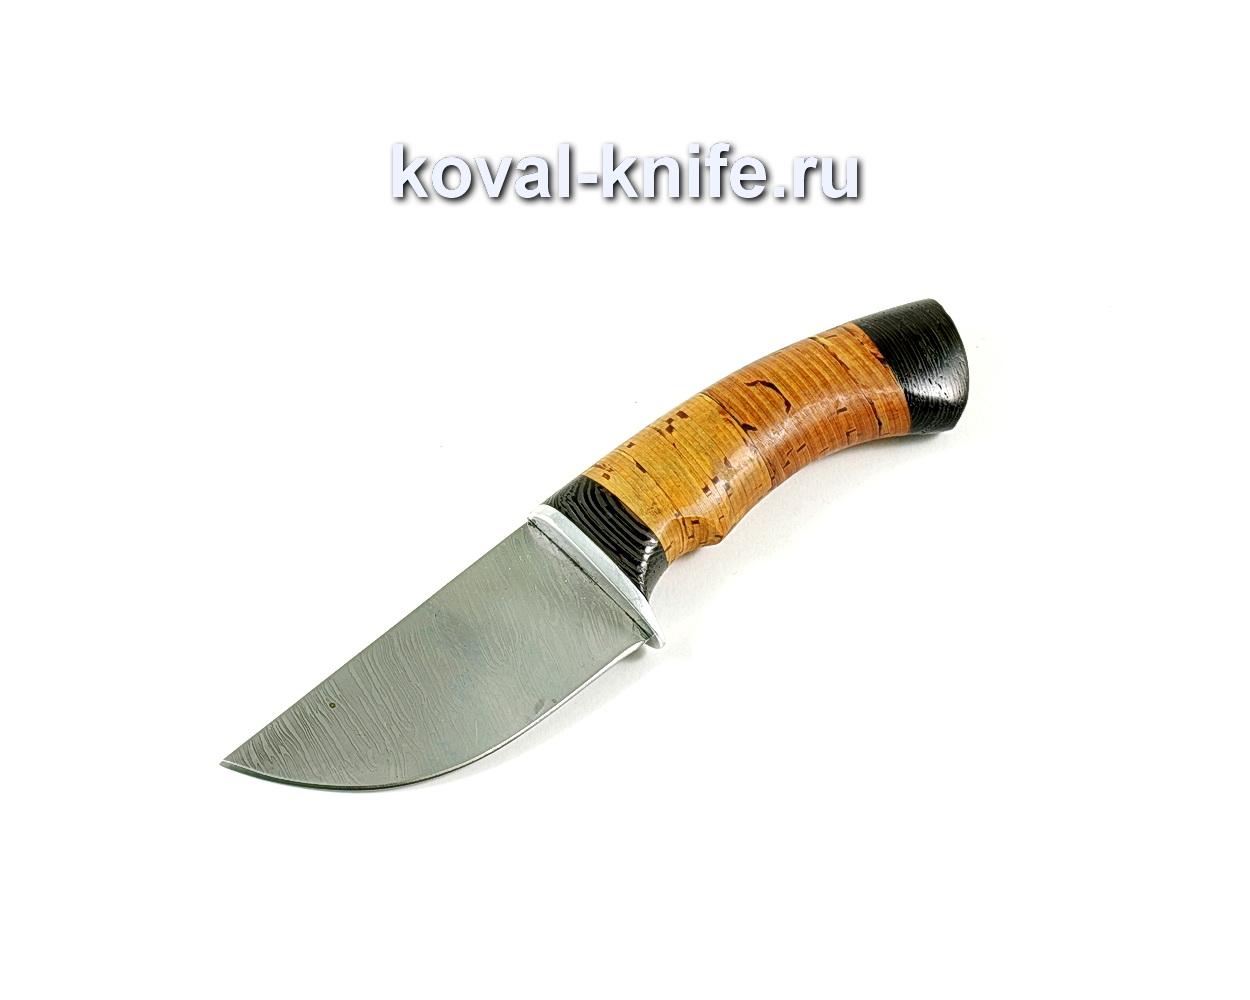 Нож Скин (сталь дамасская), рукоять венге/береста A233